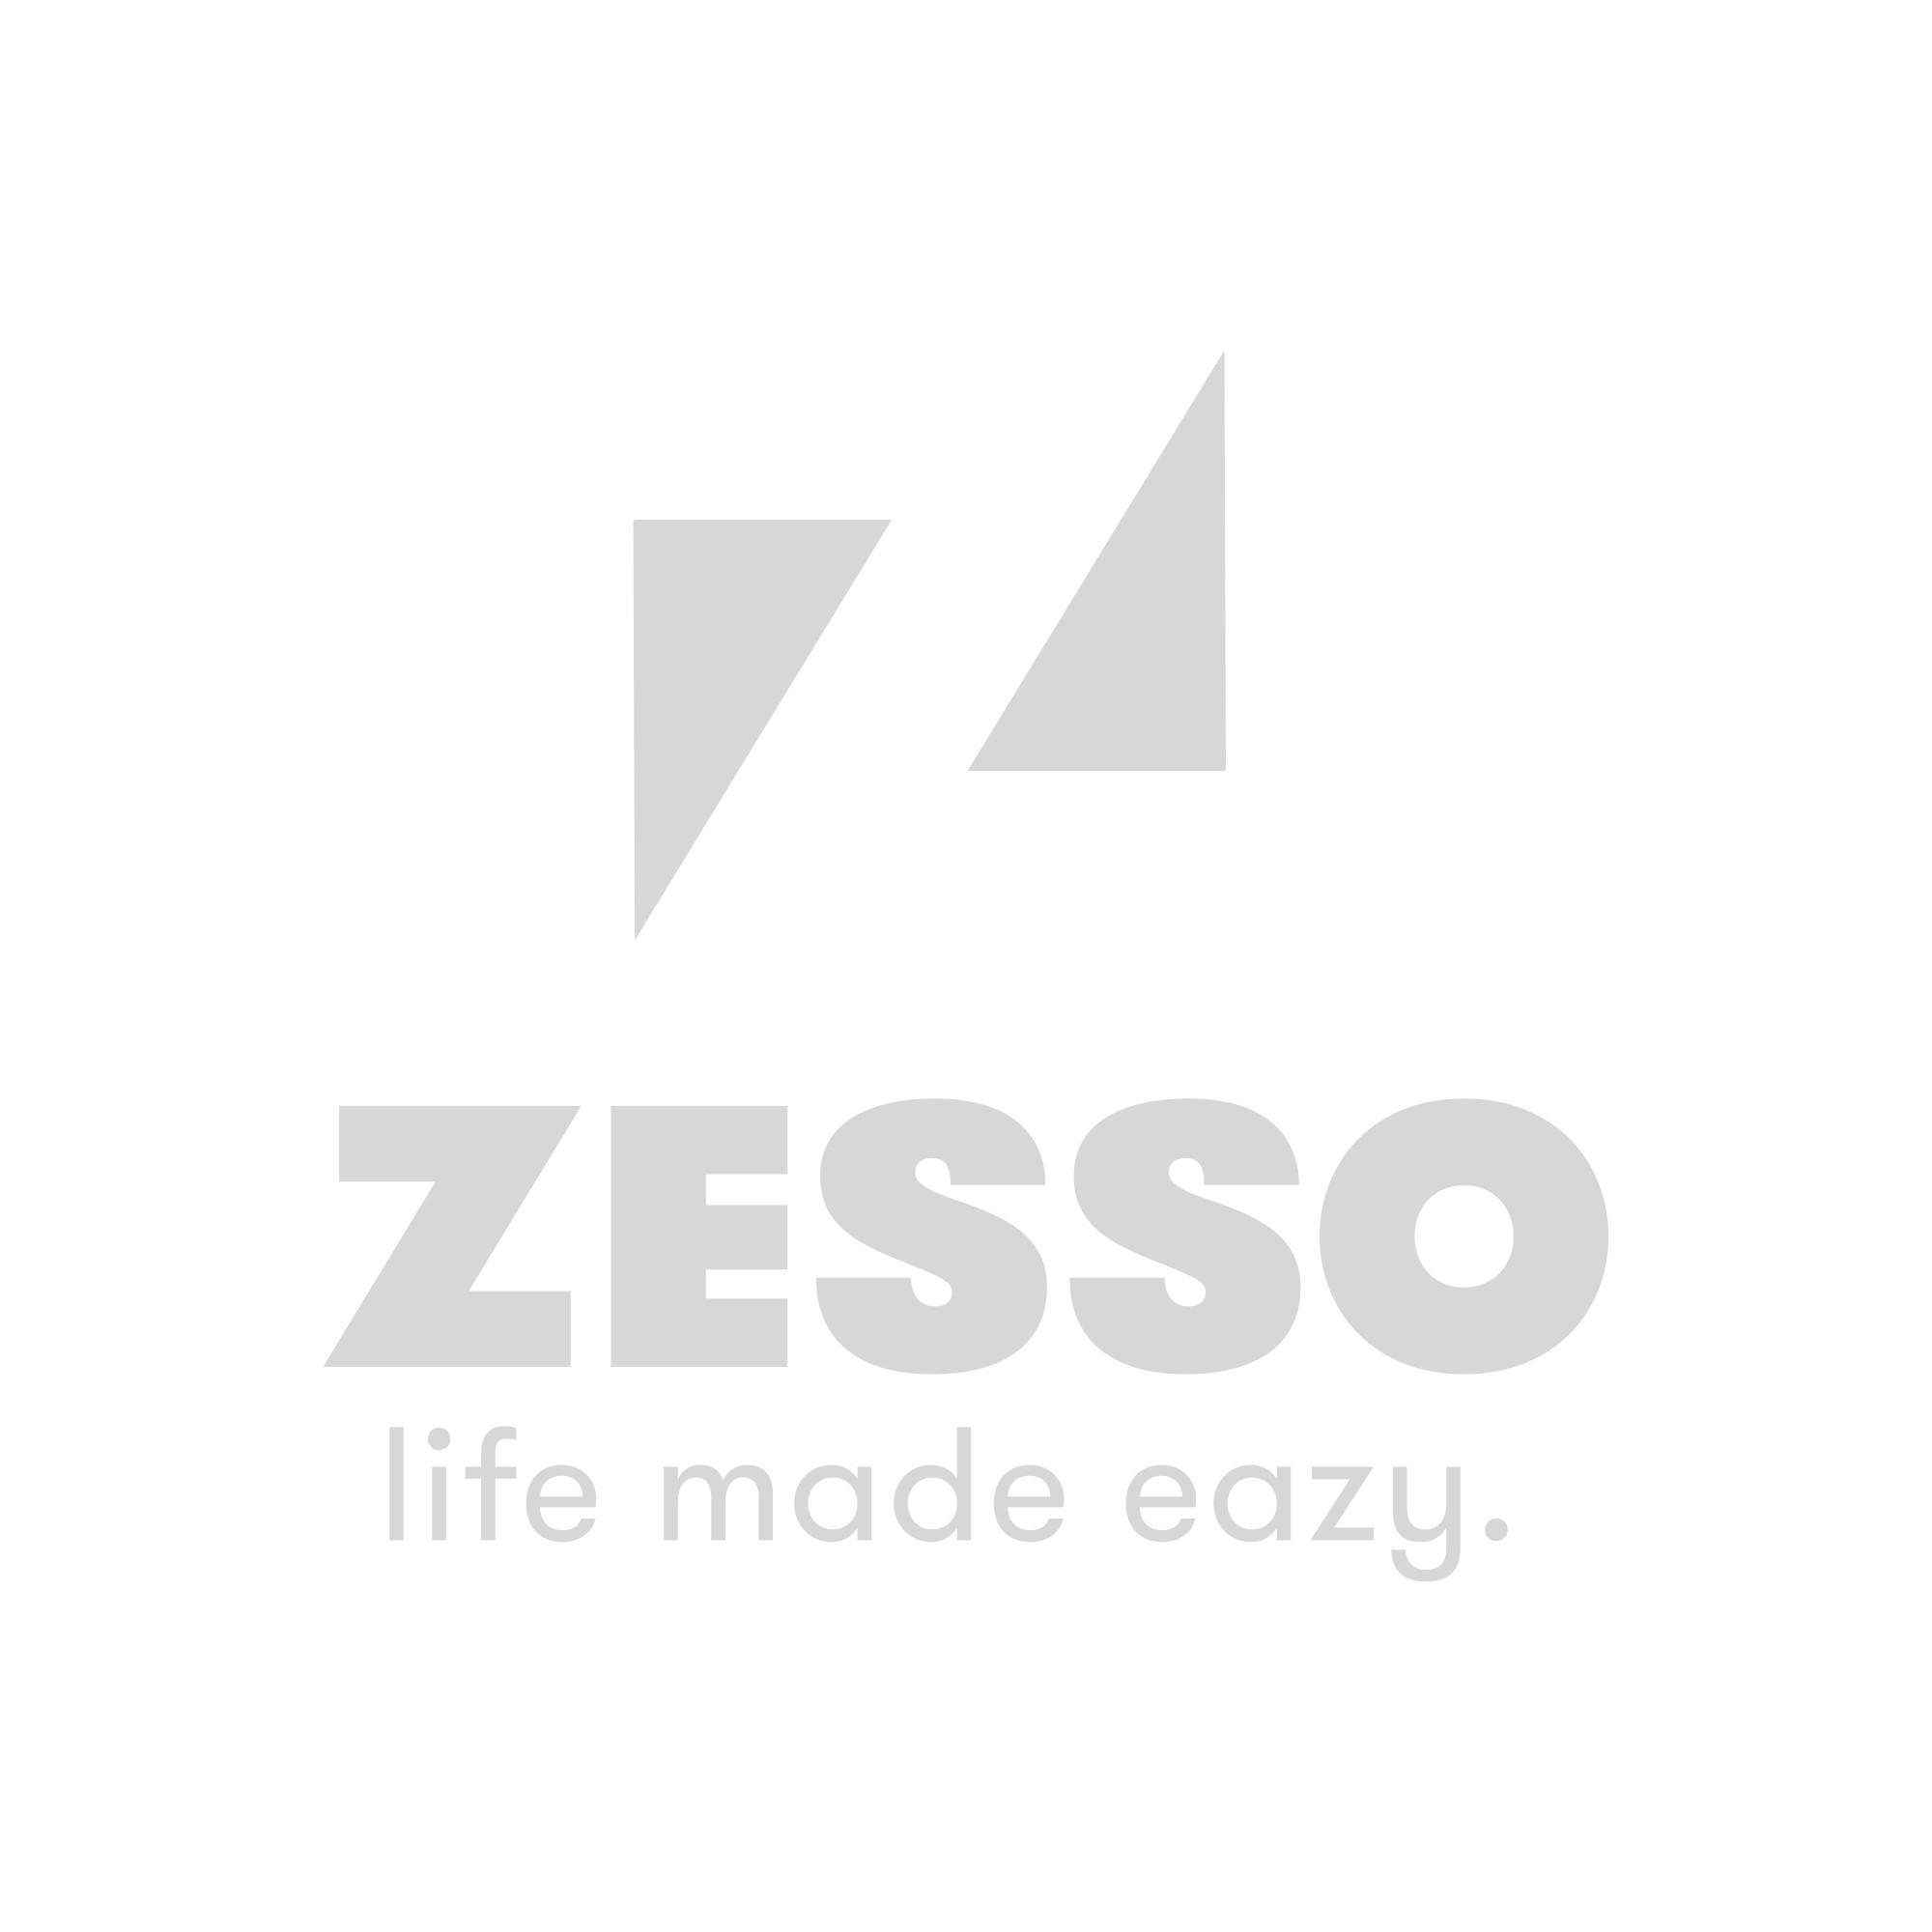 Bobux Chaussures Bébé Soft Soles Silver Hop - Large